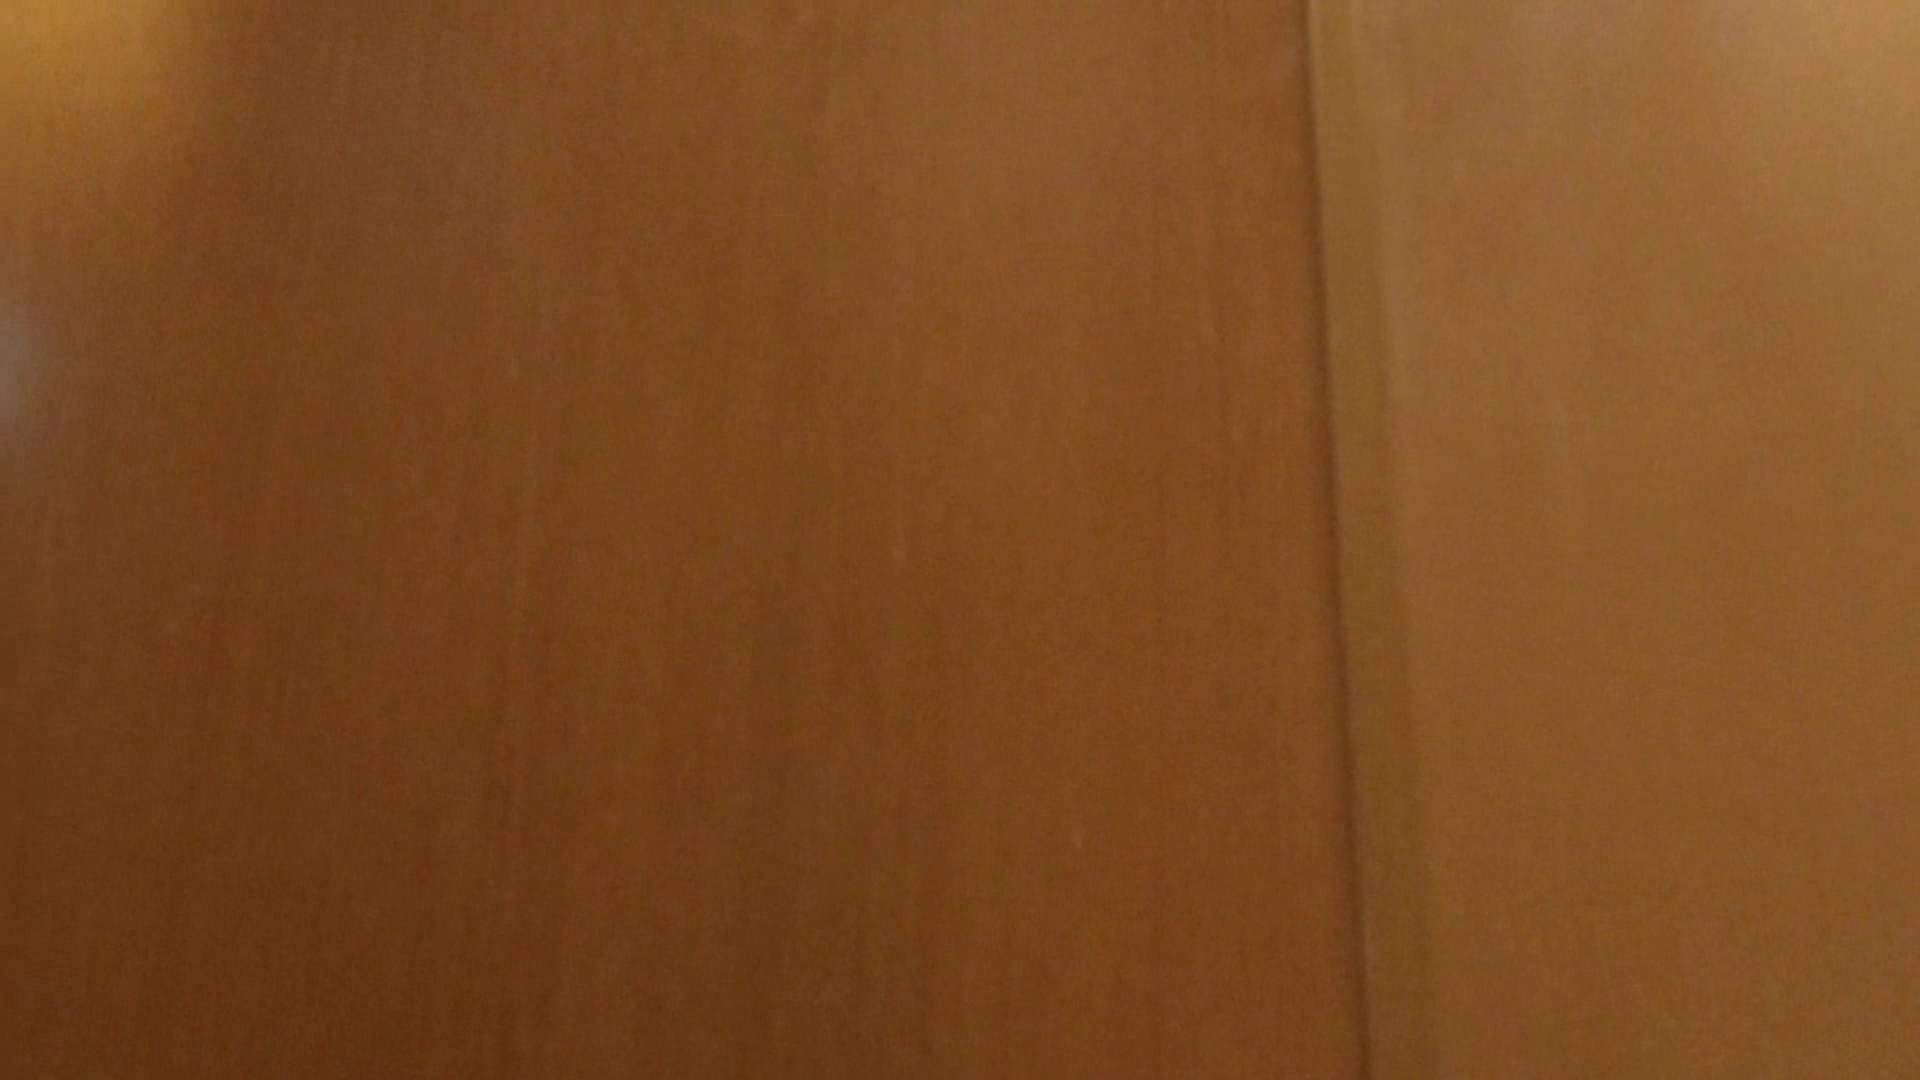 隣国化粧室下から御免!! No.02 洗面所のぞき SEX無修正画像 90枚 8